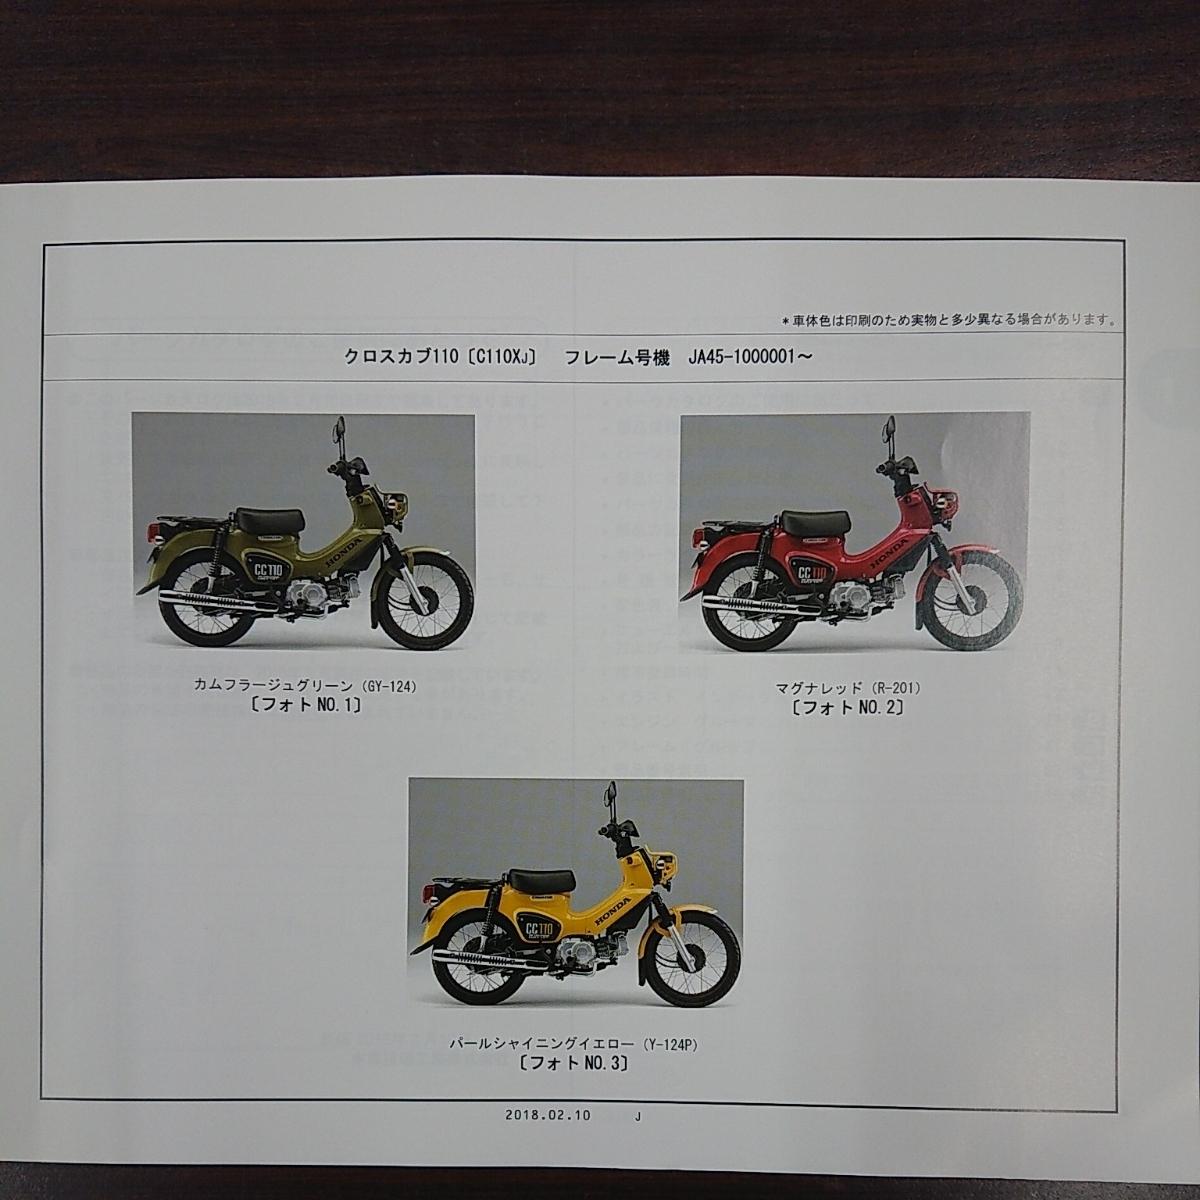 ホンダ クロスカブ110 JA45 パーツリスト パーツカタログ サービスマニュアルの補助資料に_画像3